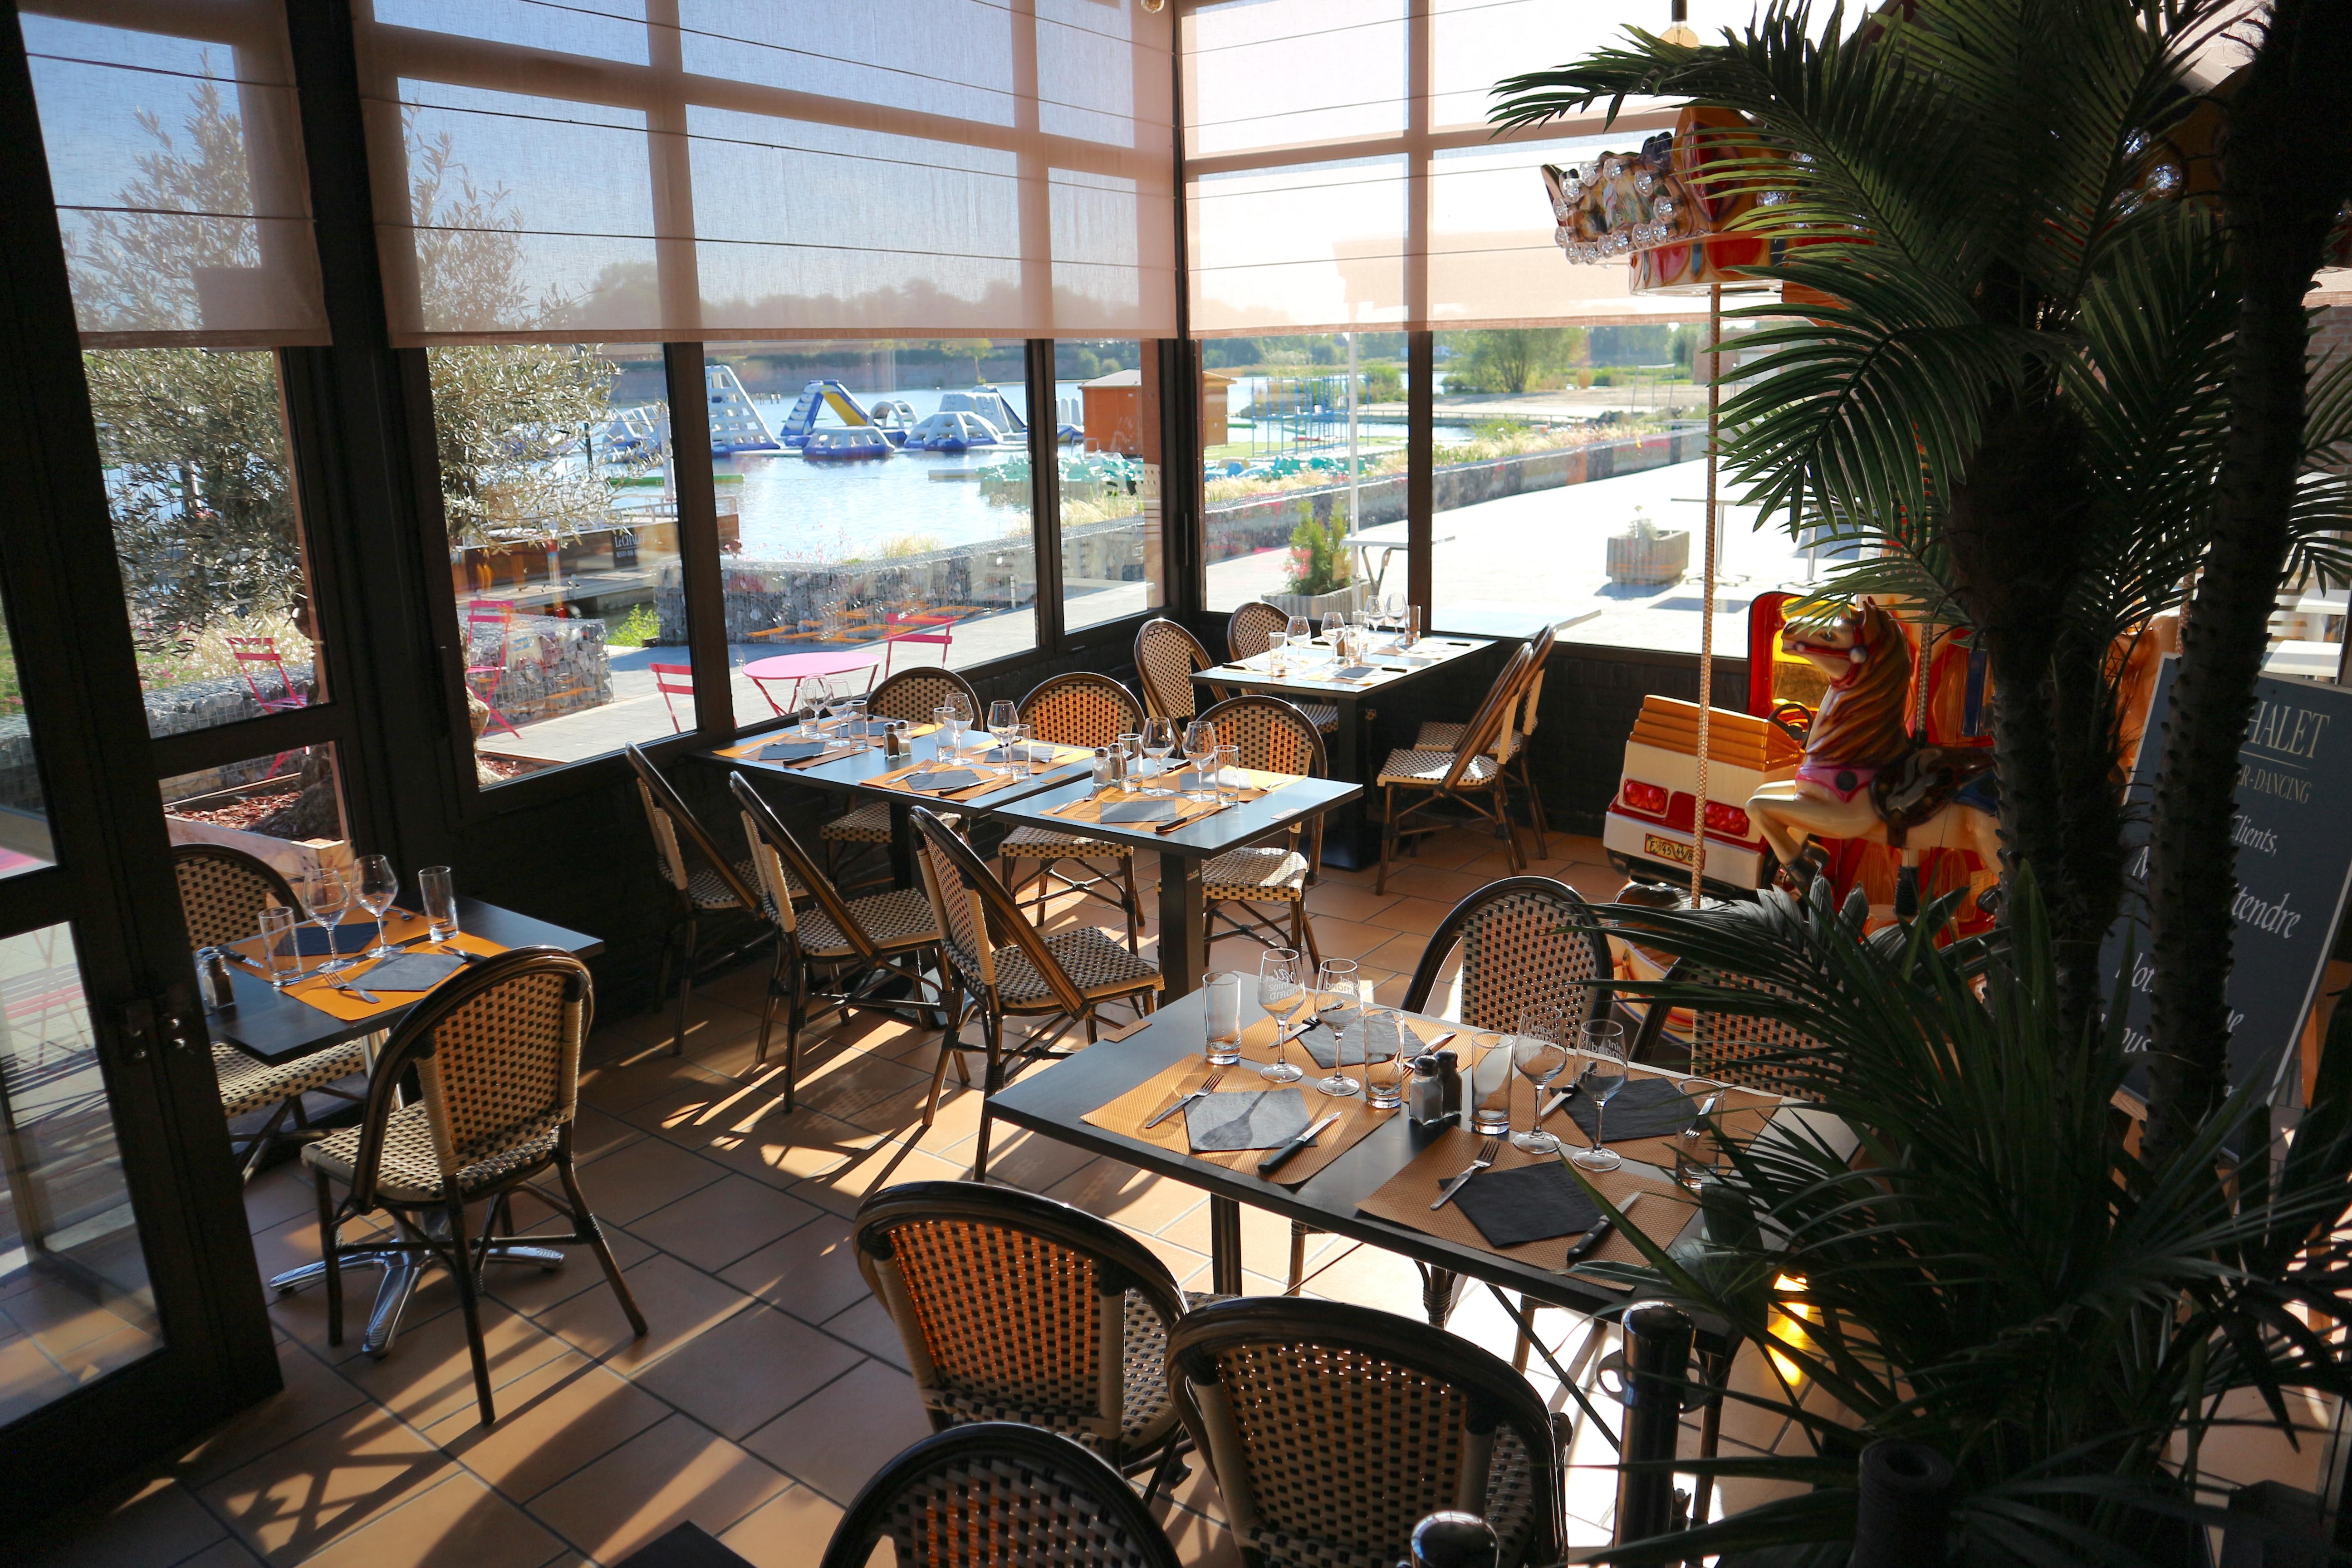 Véranda - Le Chalet de l'étang - Restaurant Bar Dancing de Le Quesnoy (59)